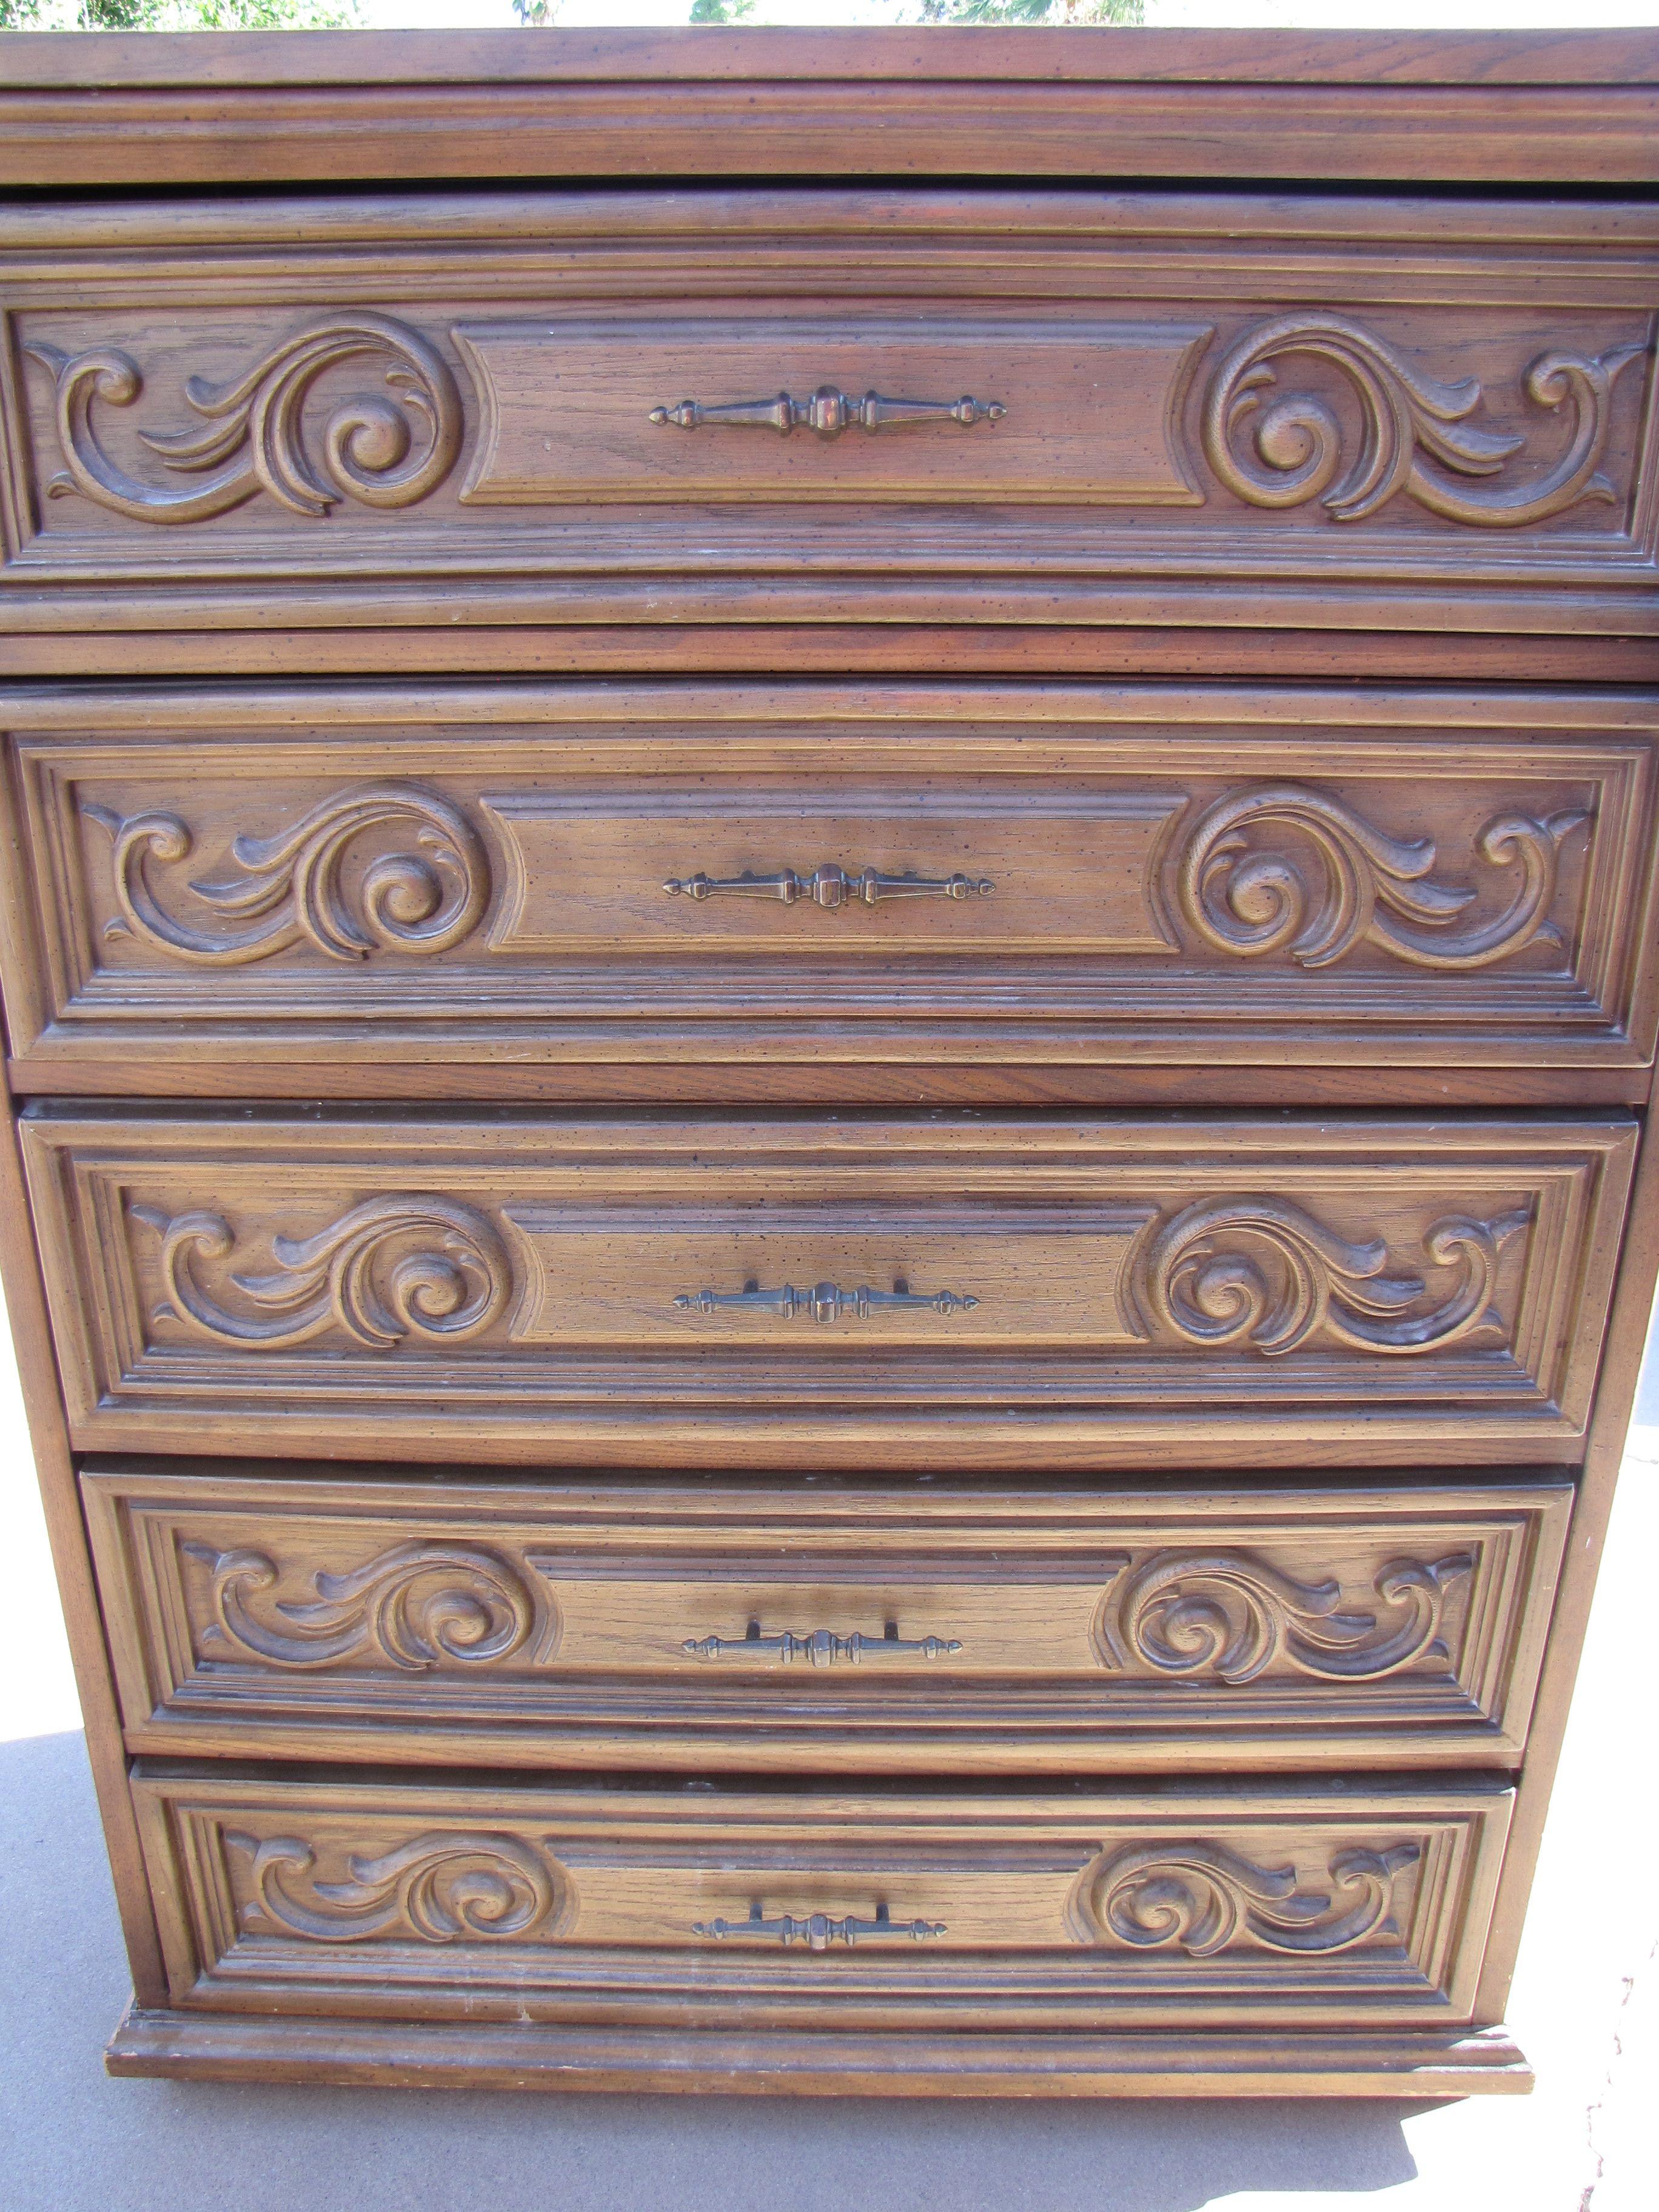 Before Bassett Dresser With Scroll Work Portfolio Design